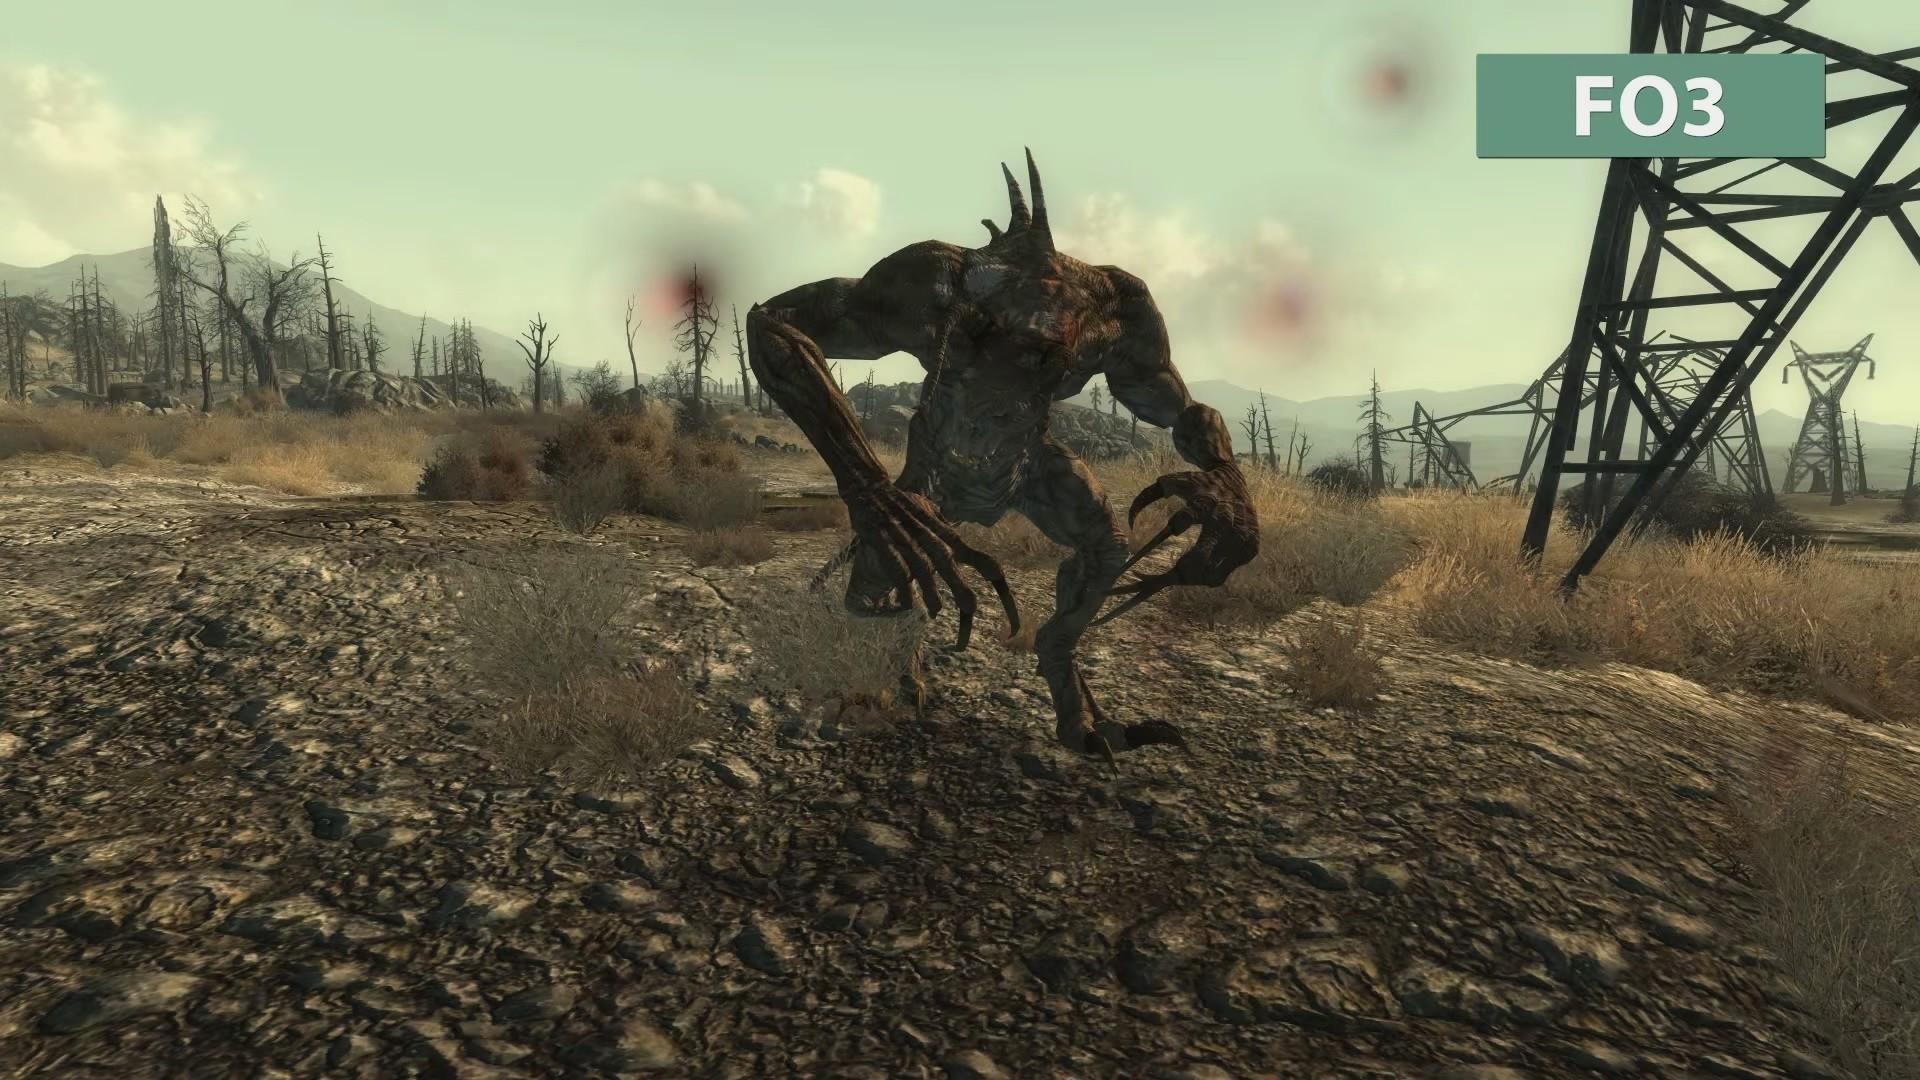 1920x1080 Fallout 3 Generation Kill Picture